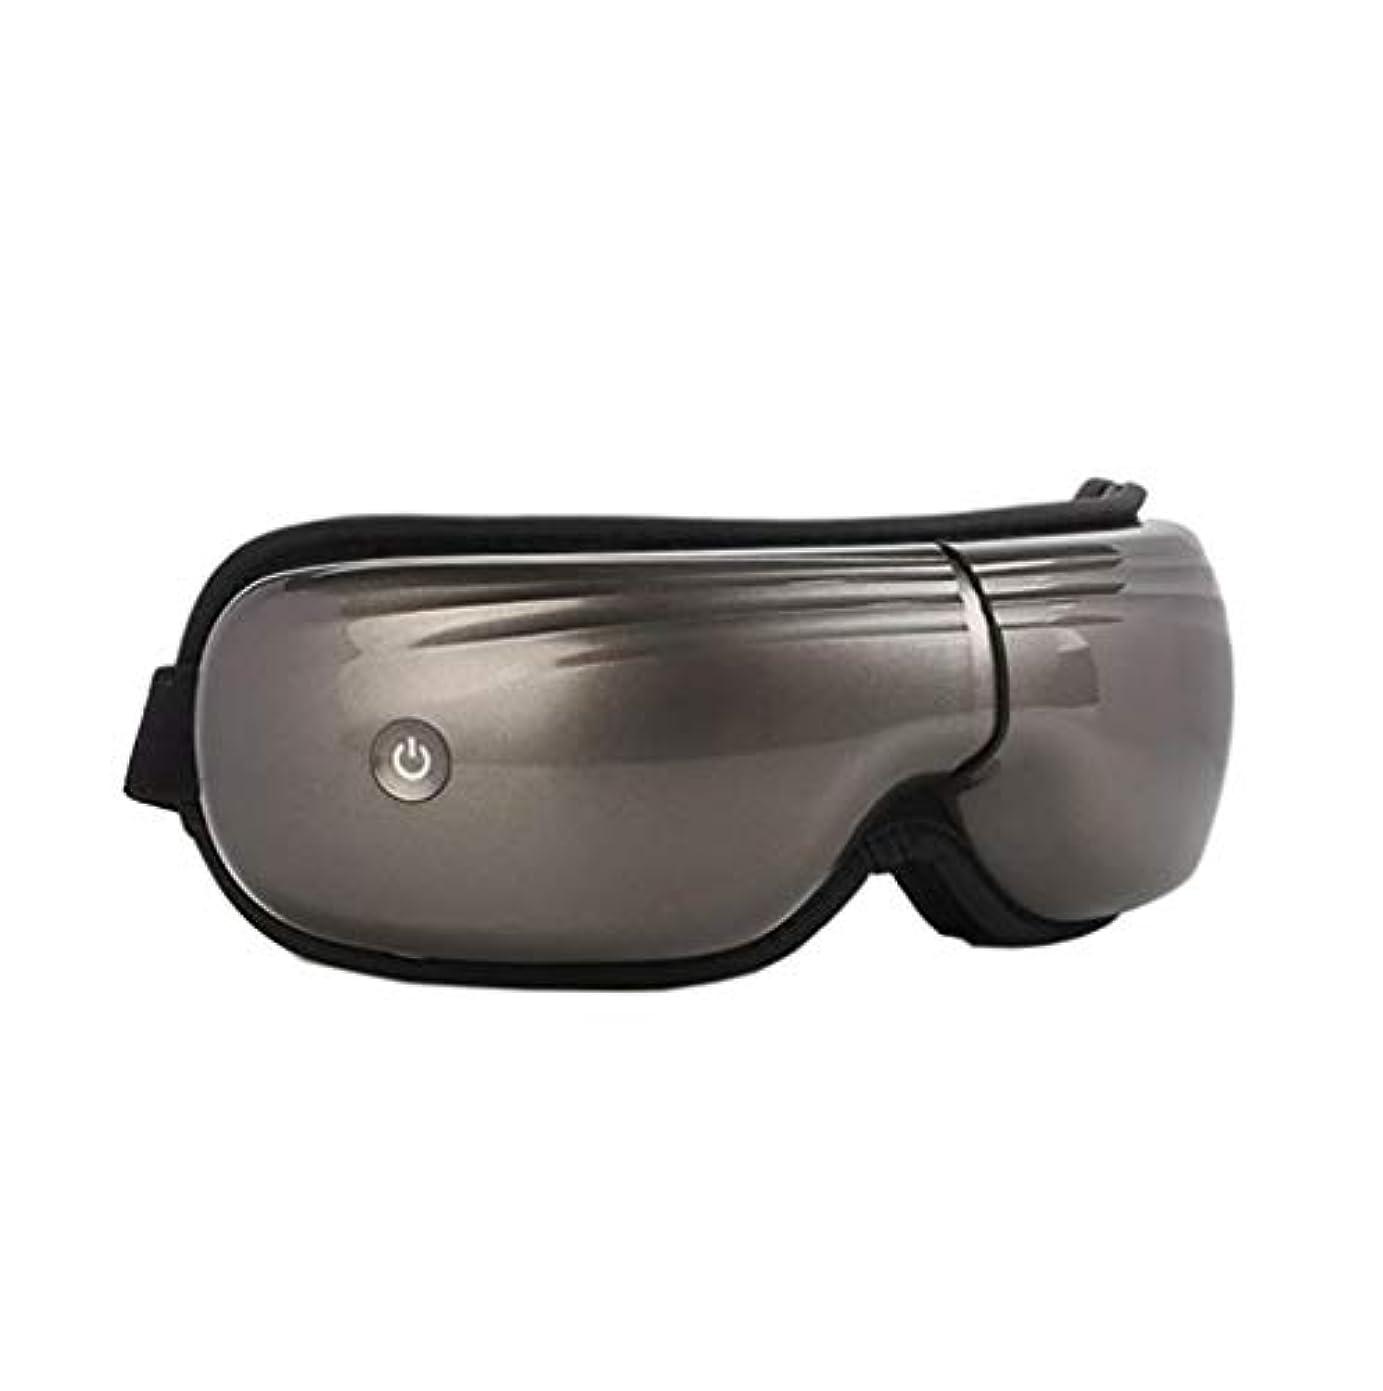 先のことを考える血色の良い理由マッサージアイマスク、5つの調整可能なマッサージモードを備えた振動式ワイヤレスアイマッサージャー、なだめるような音楽、アイリラクシングアイバッグとダークサークル、目の疲れを和らげる (Color : Grey)